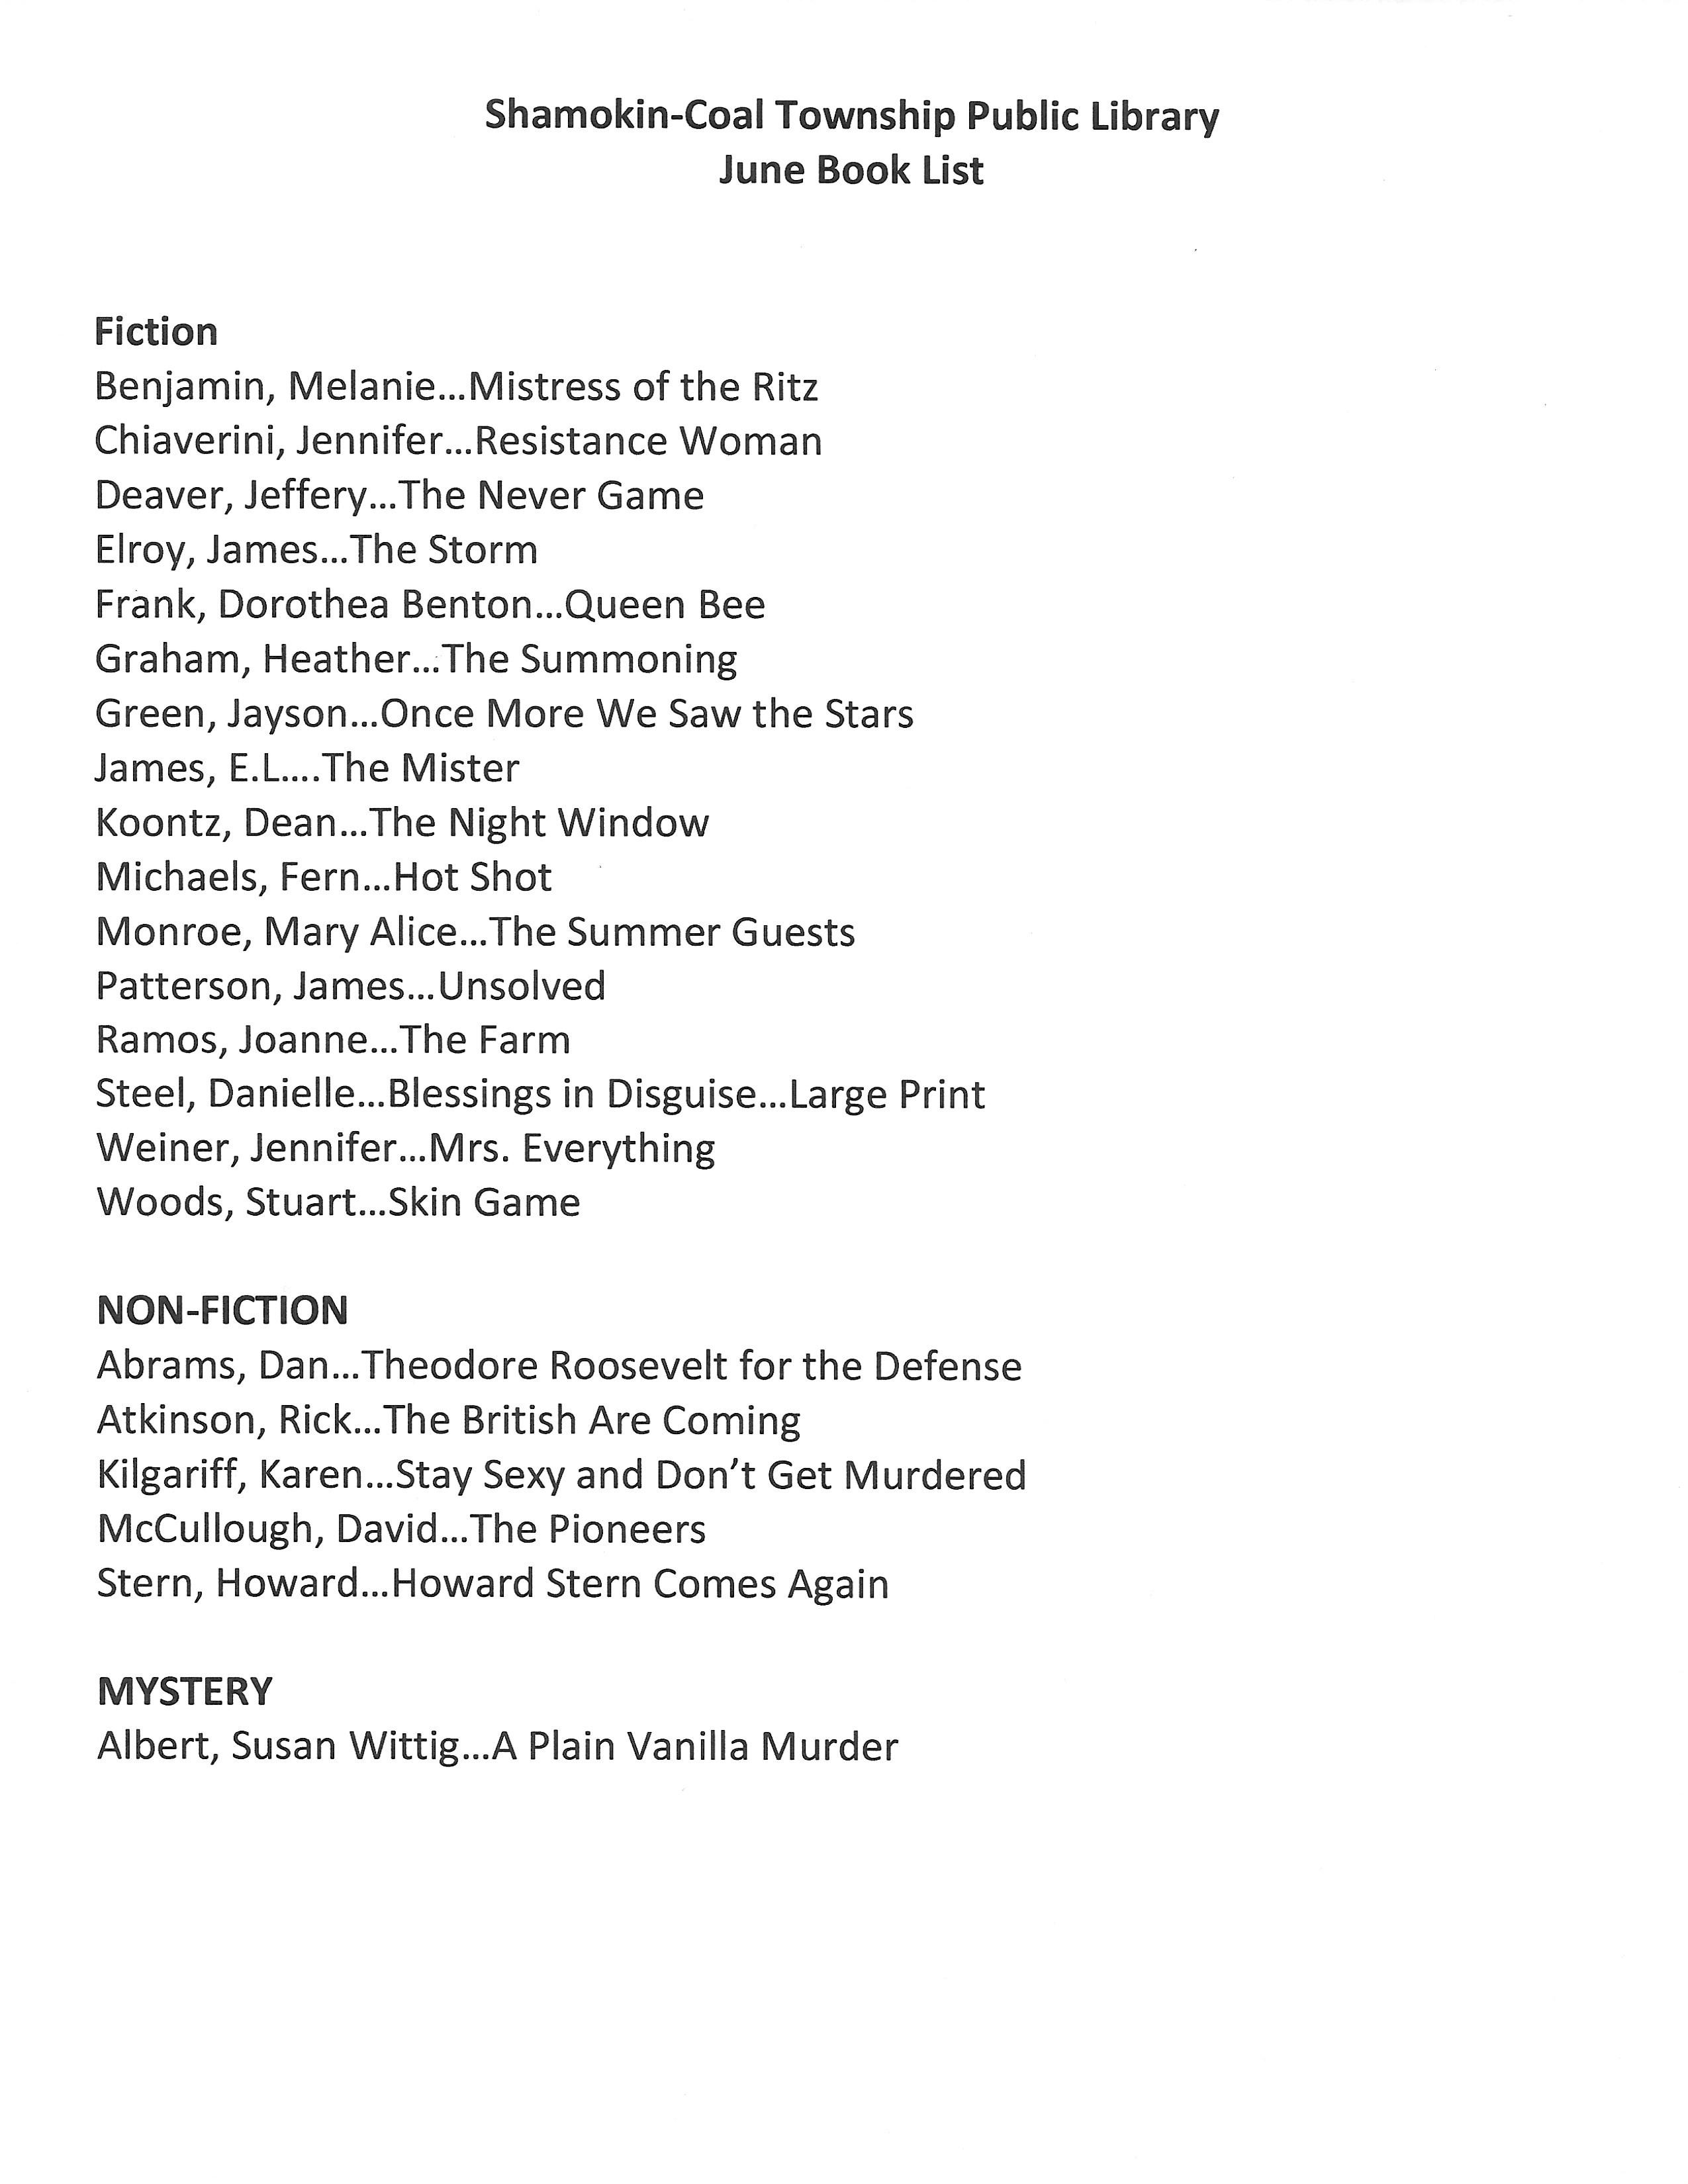 June 2019 Book List